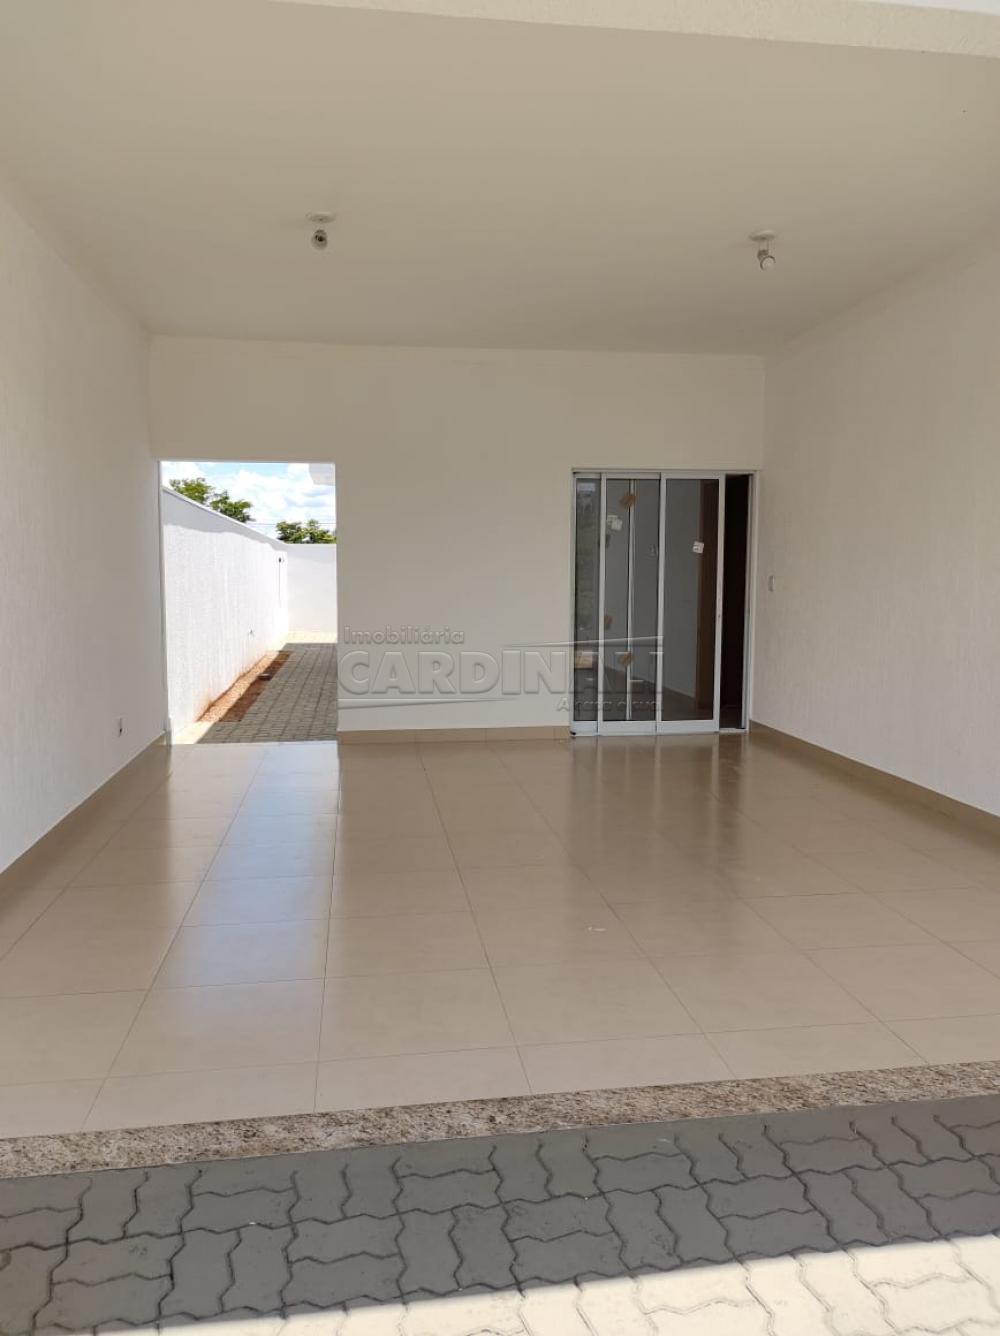 Comprar Casa / Condomínio em Araraquara R$ 480.000,00 - Foto 11